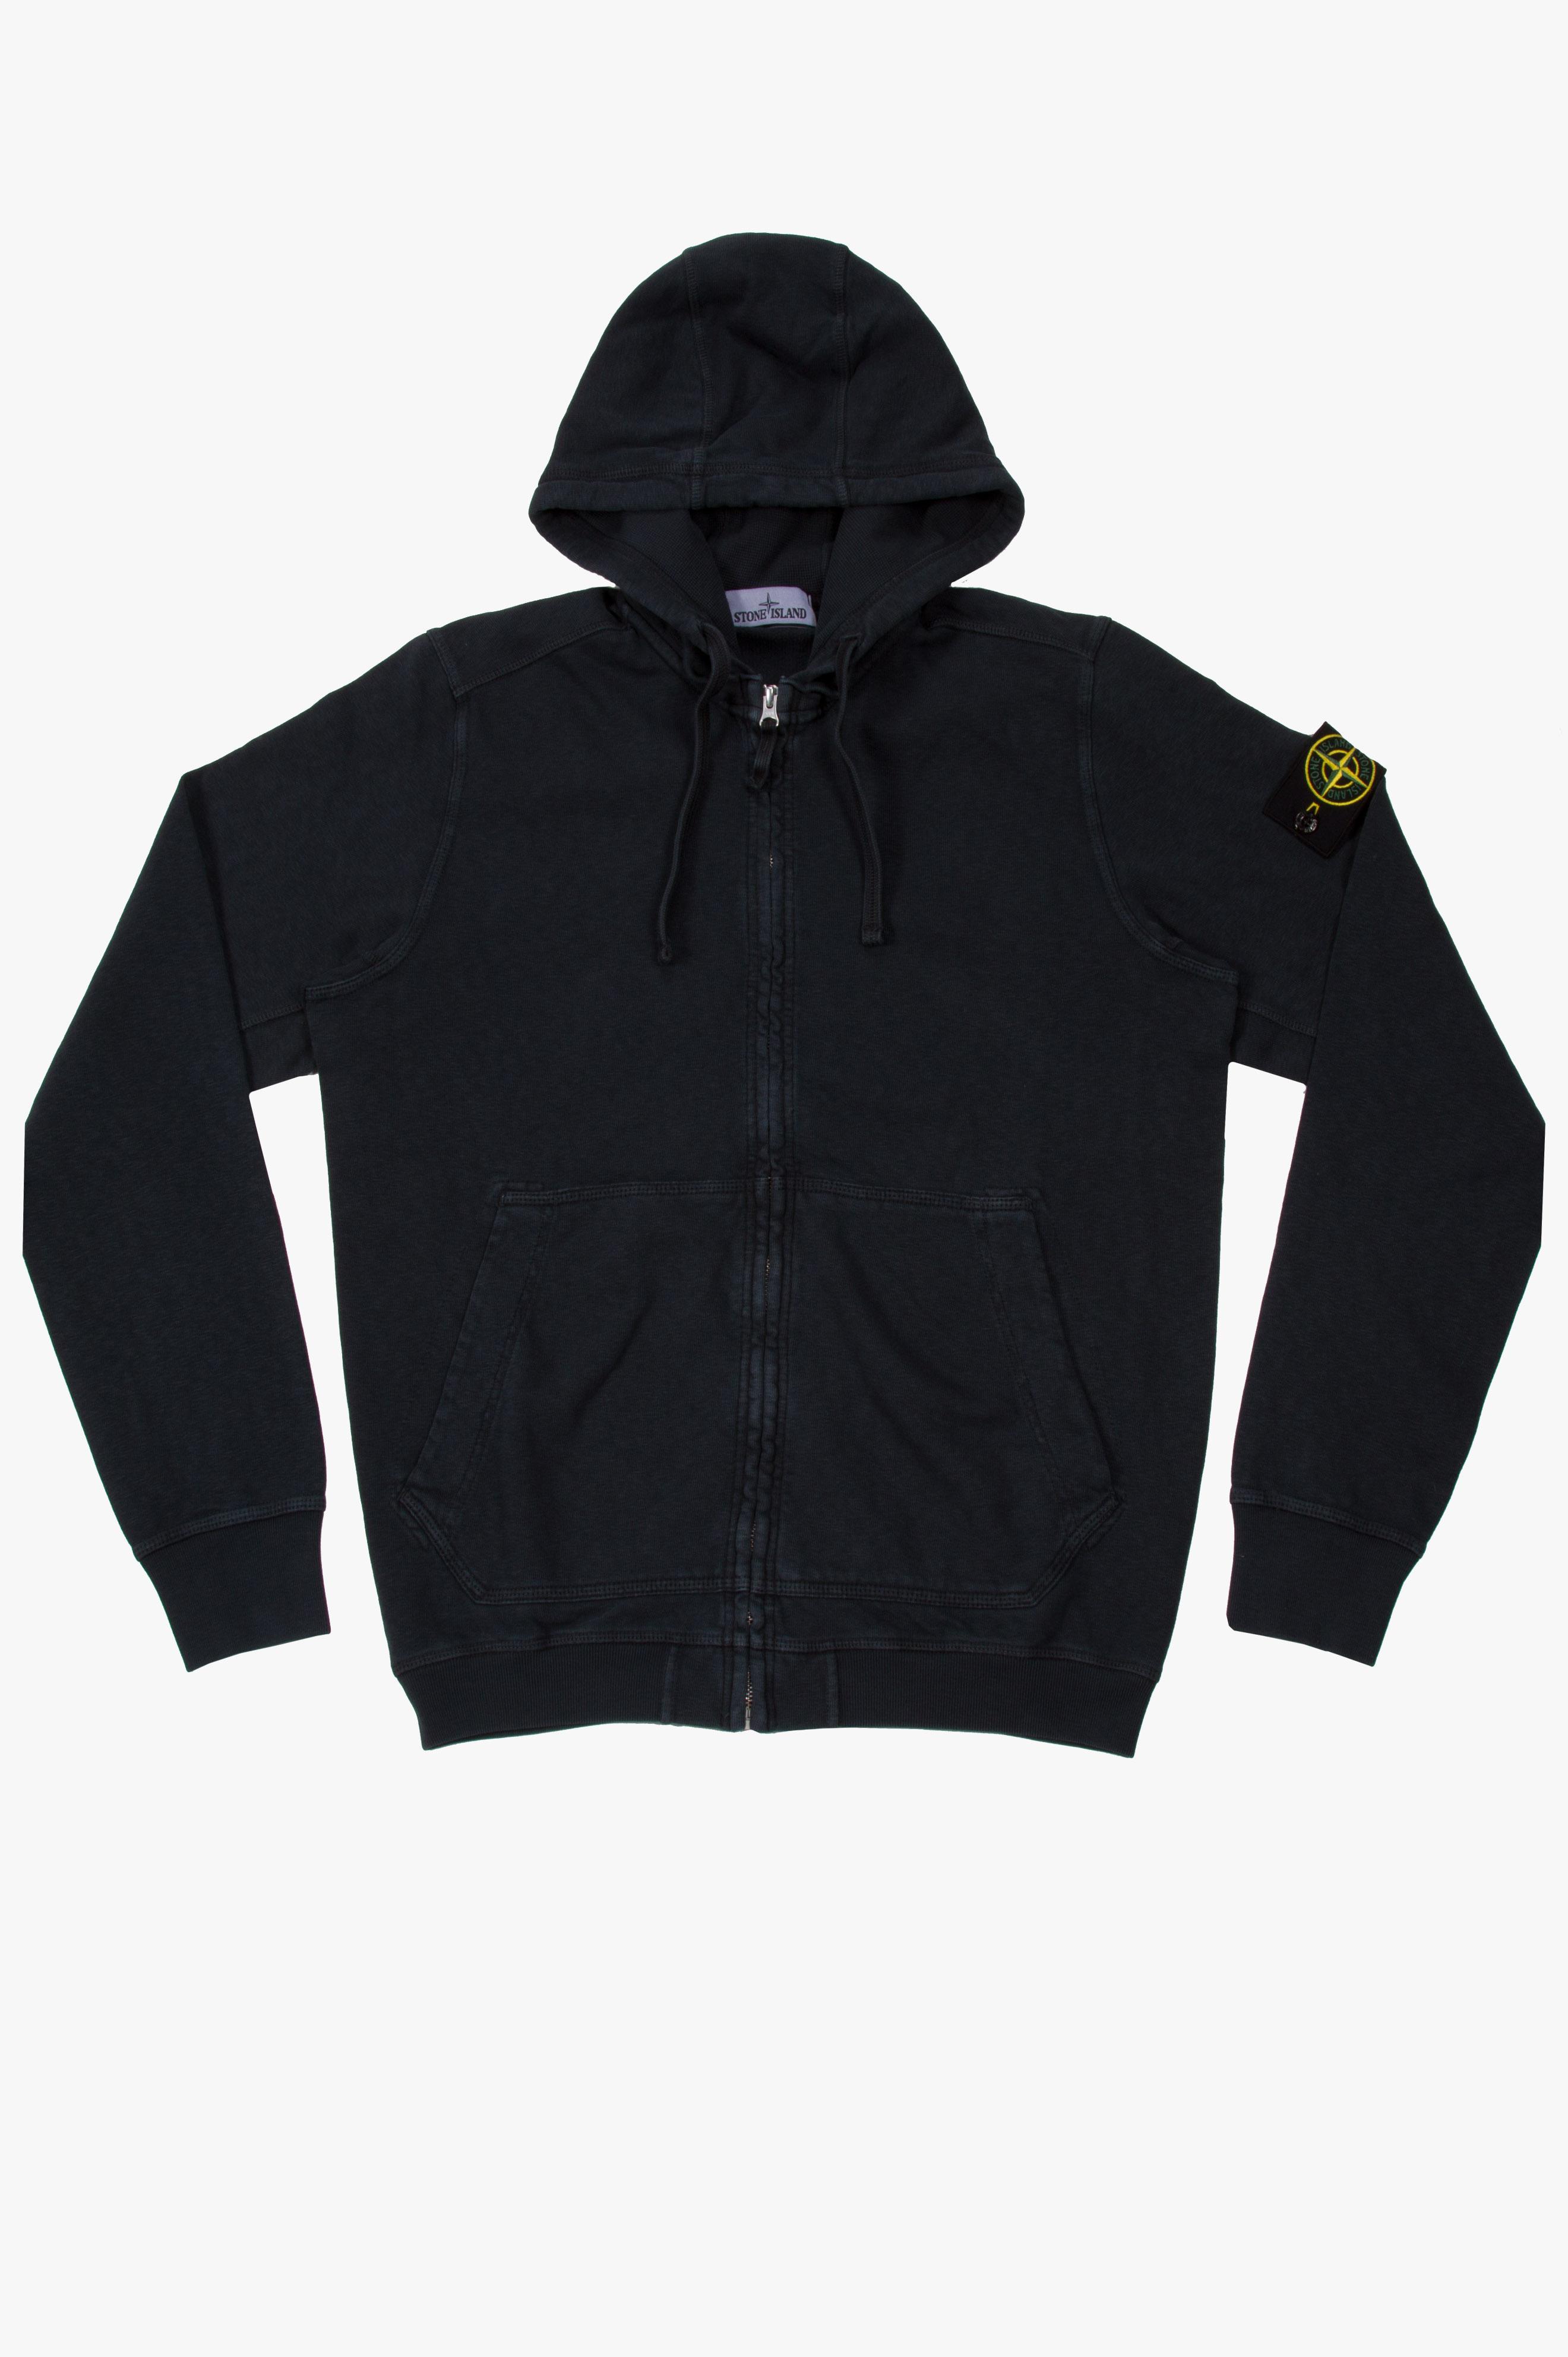 Zip Hooded Sweatshirt Anthracite